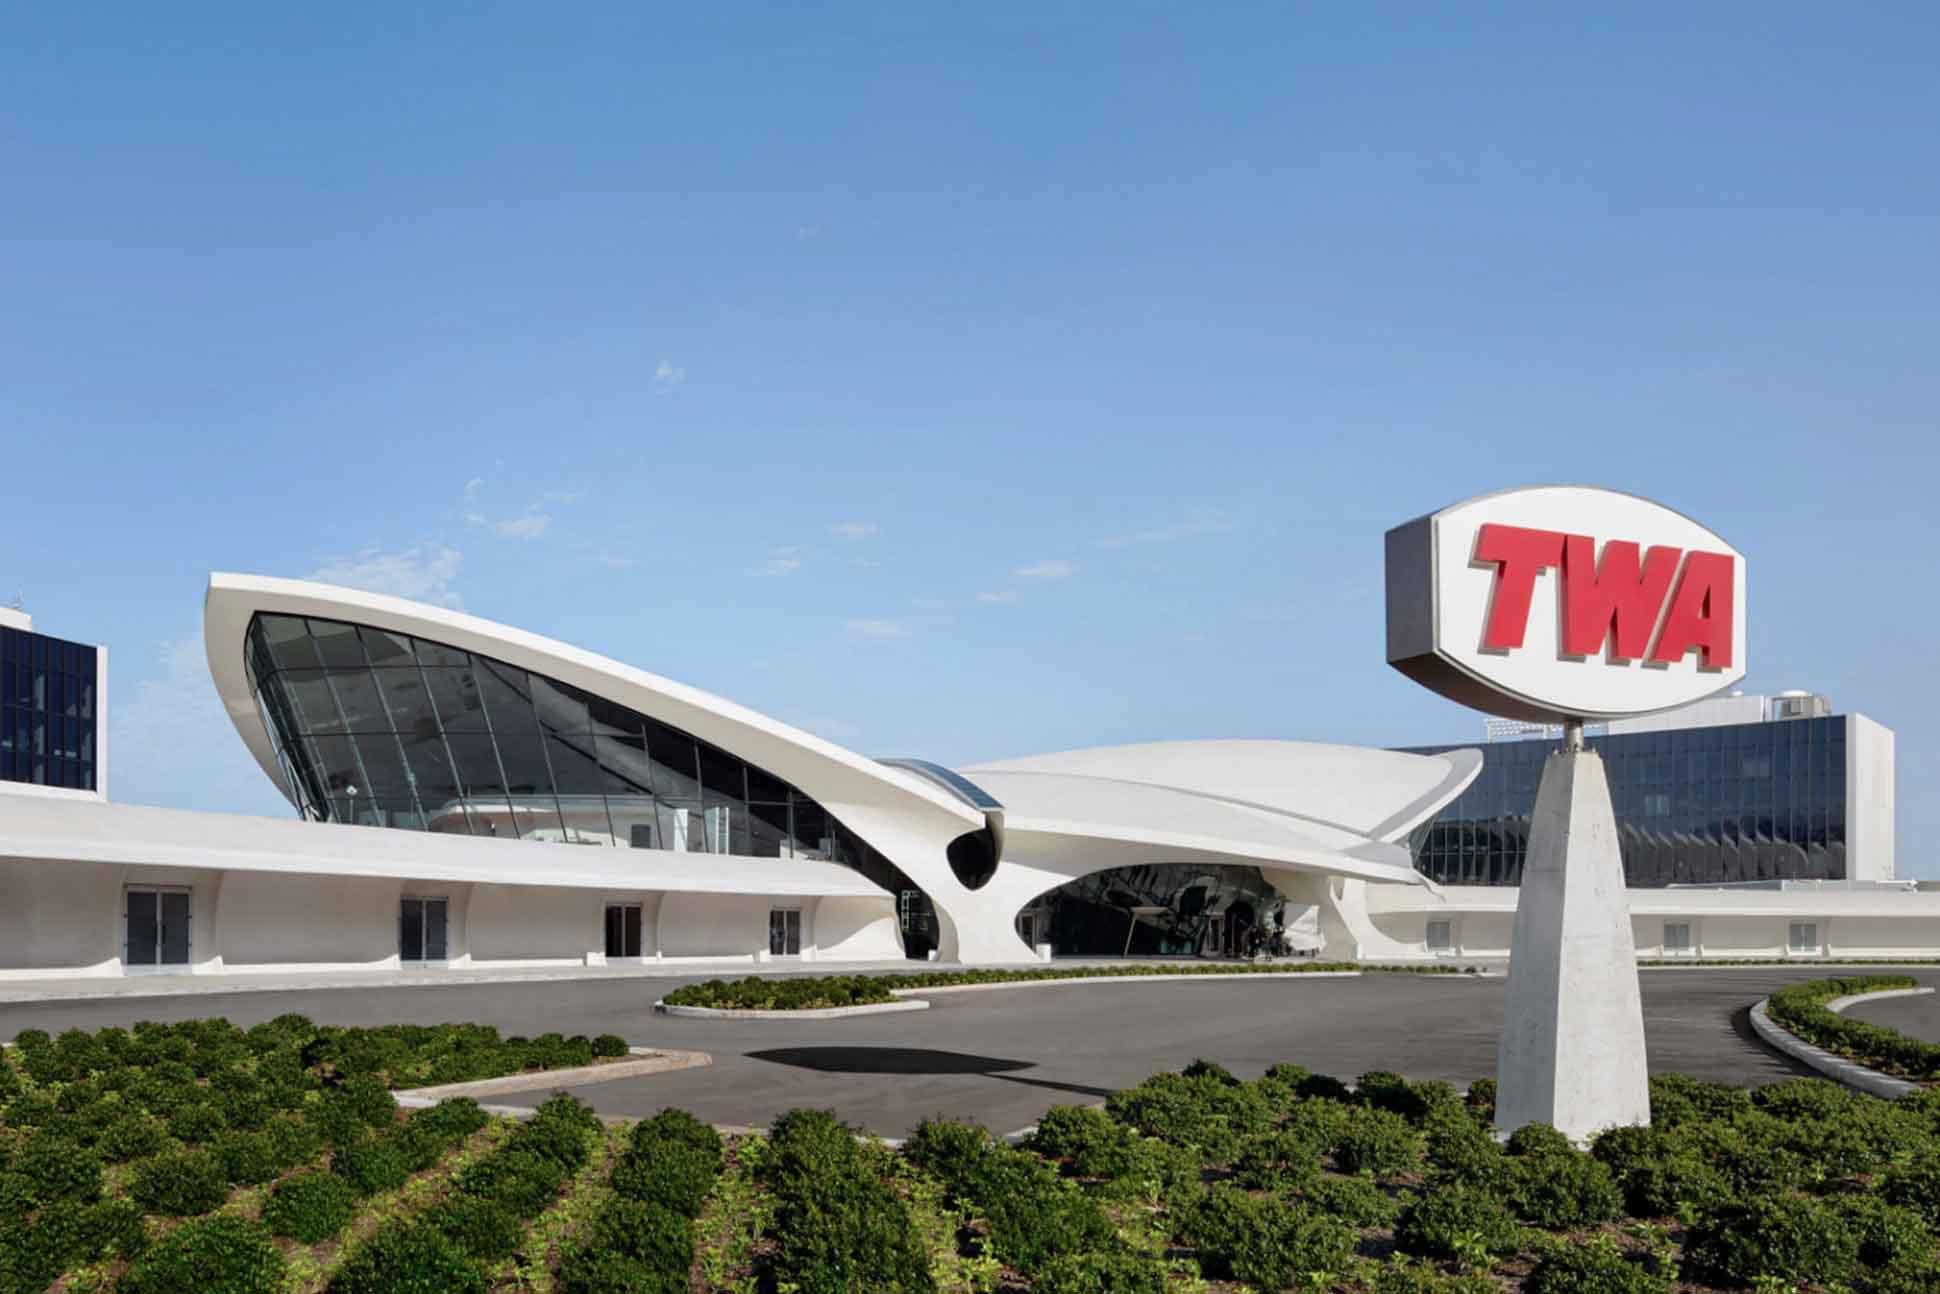 TWA Hotel, JFK Airport, New York City, USA